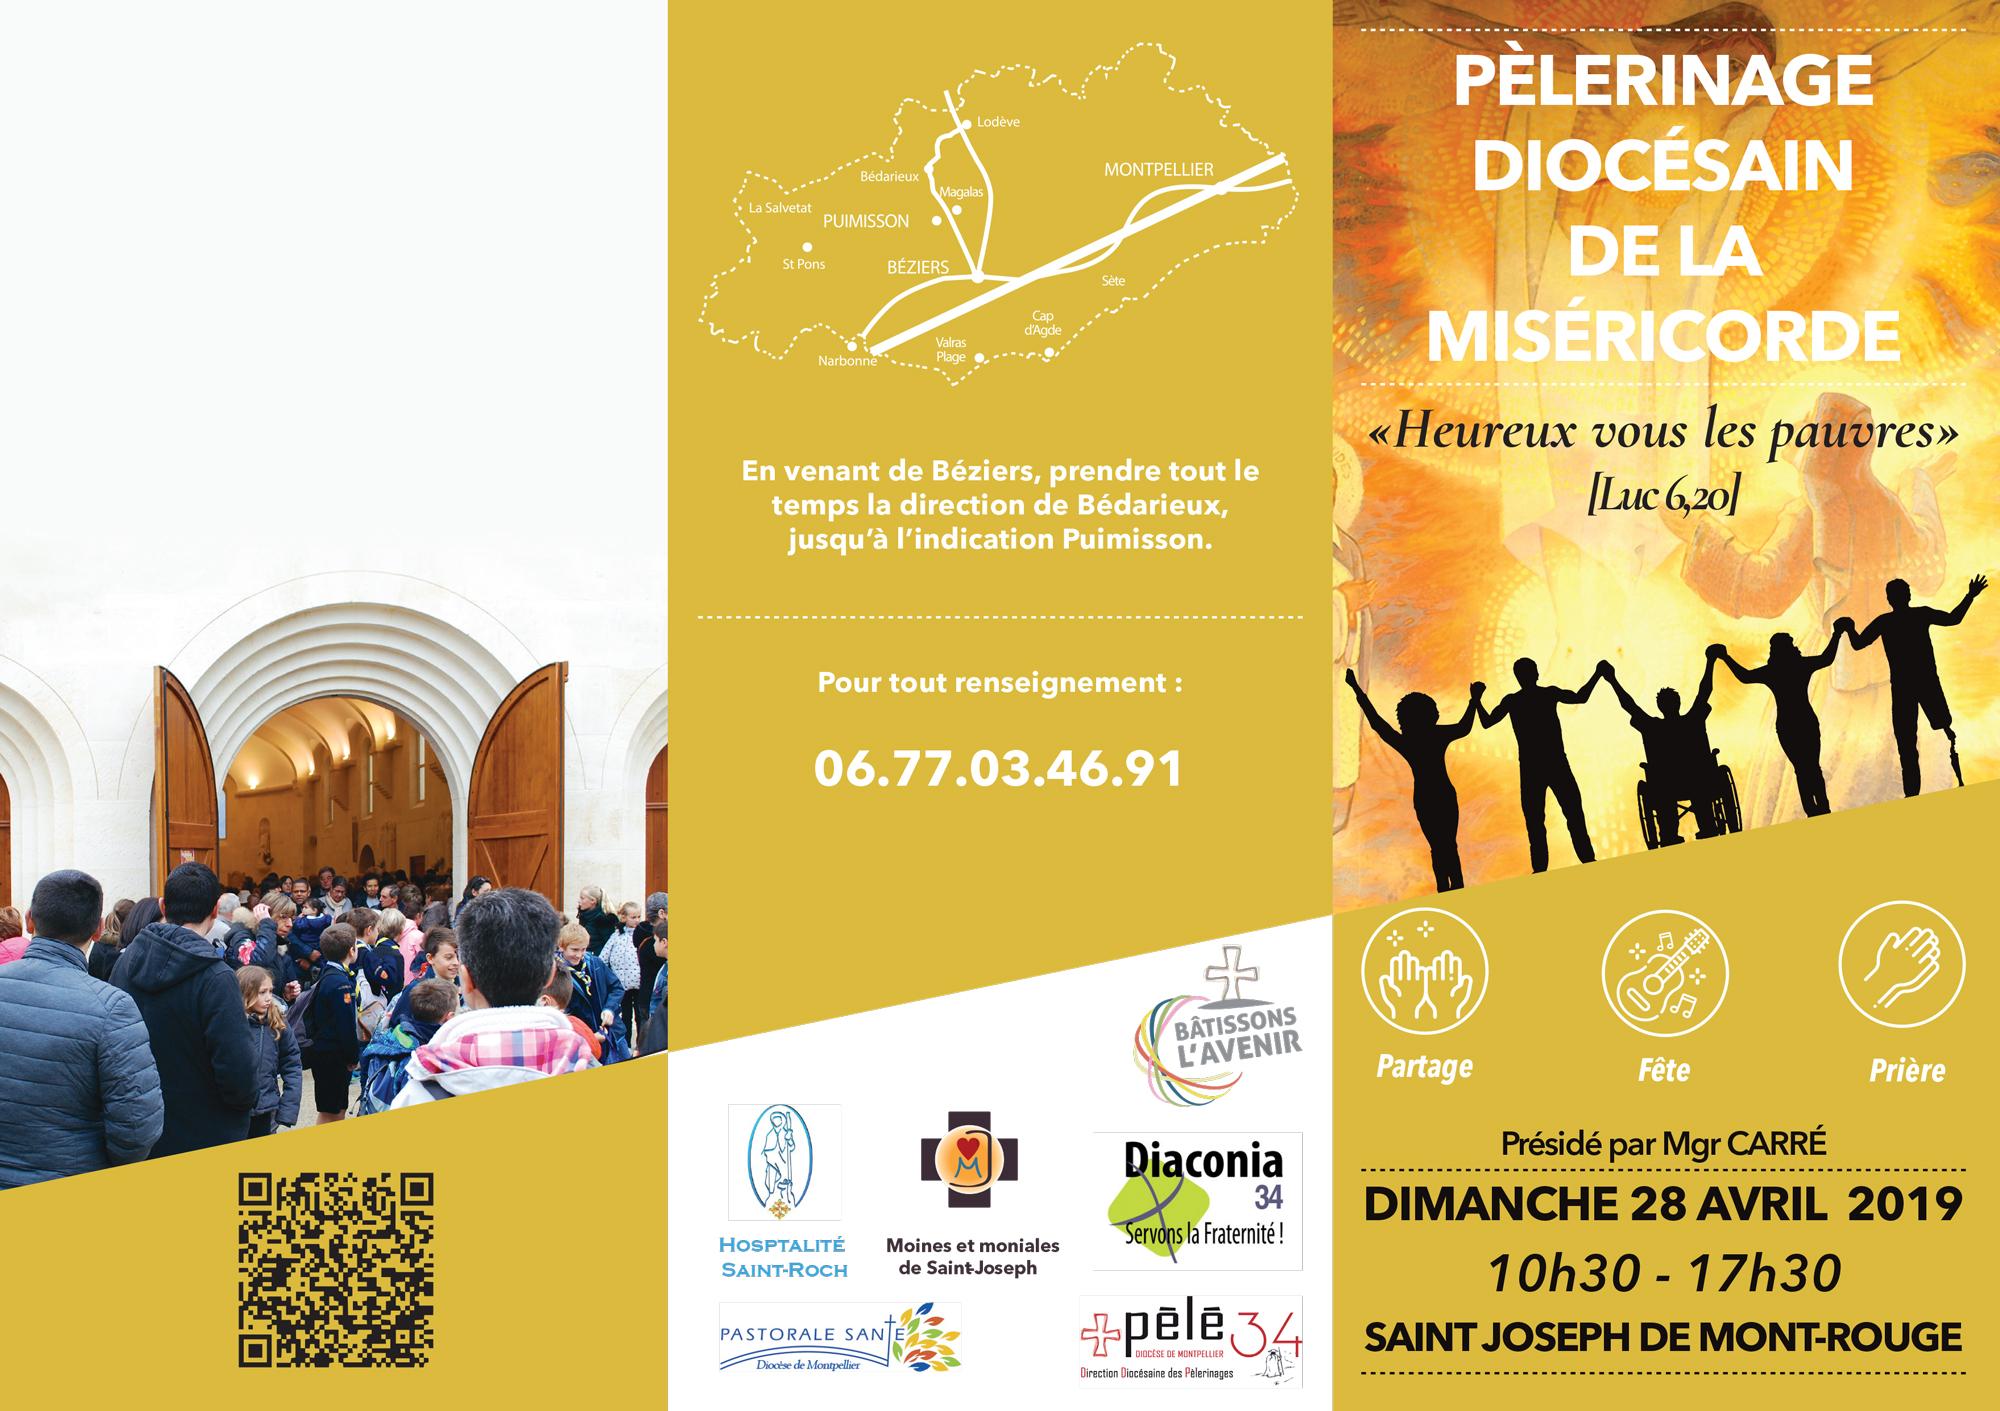 Pèlerinage de la Miséricorde le 28 avril 2019 à Saint-Joseph de Mont-Rouge (Puimisson (34))